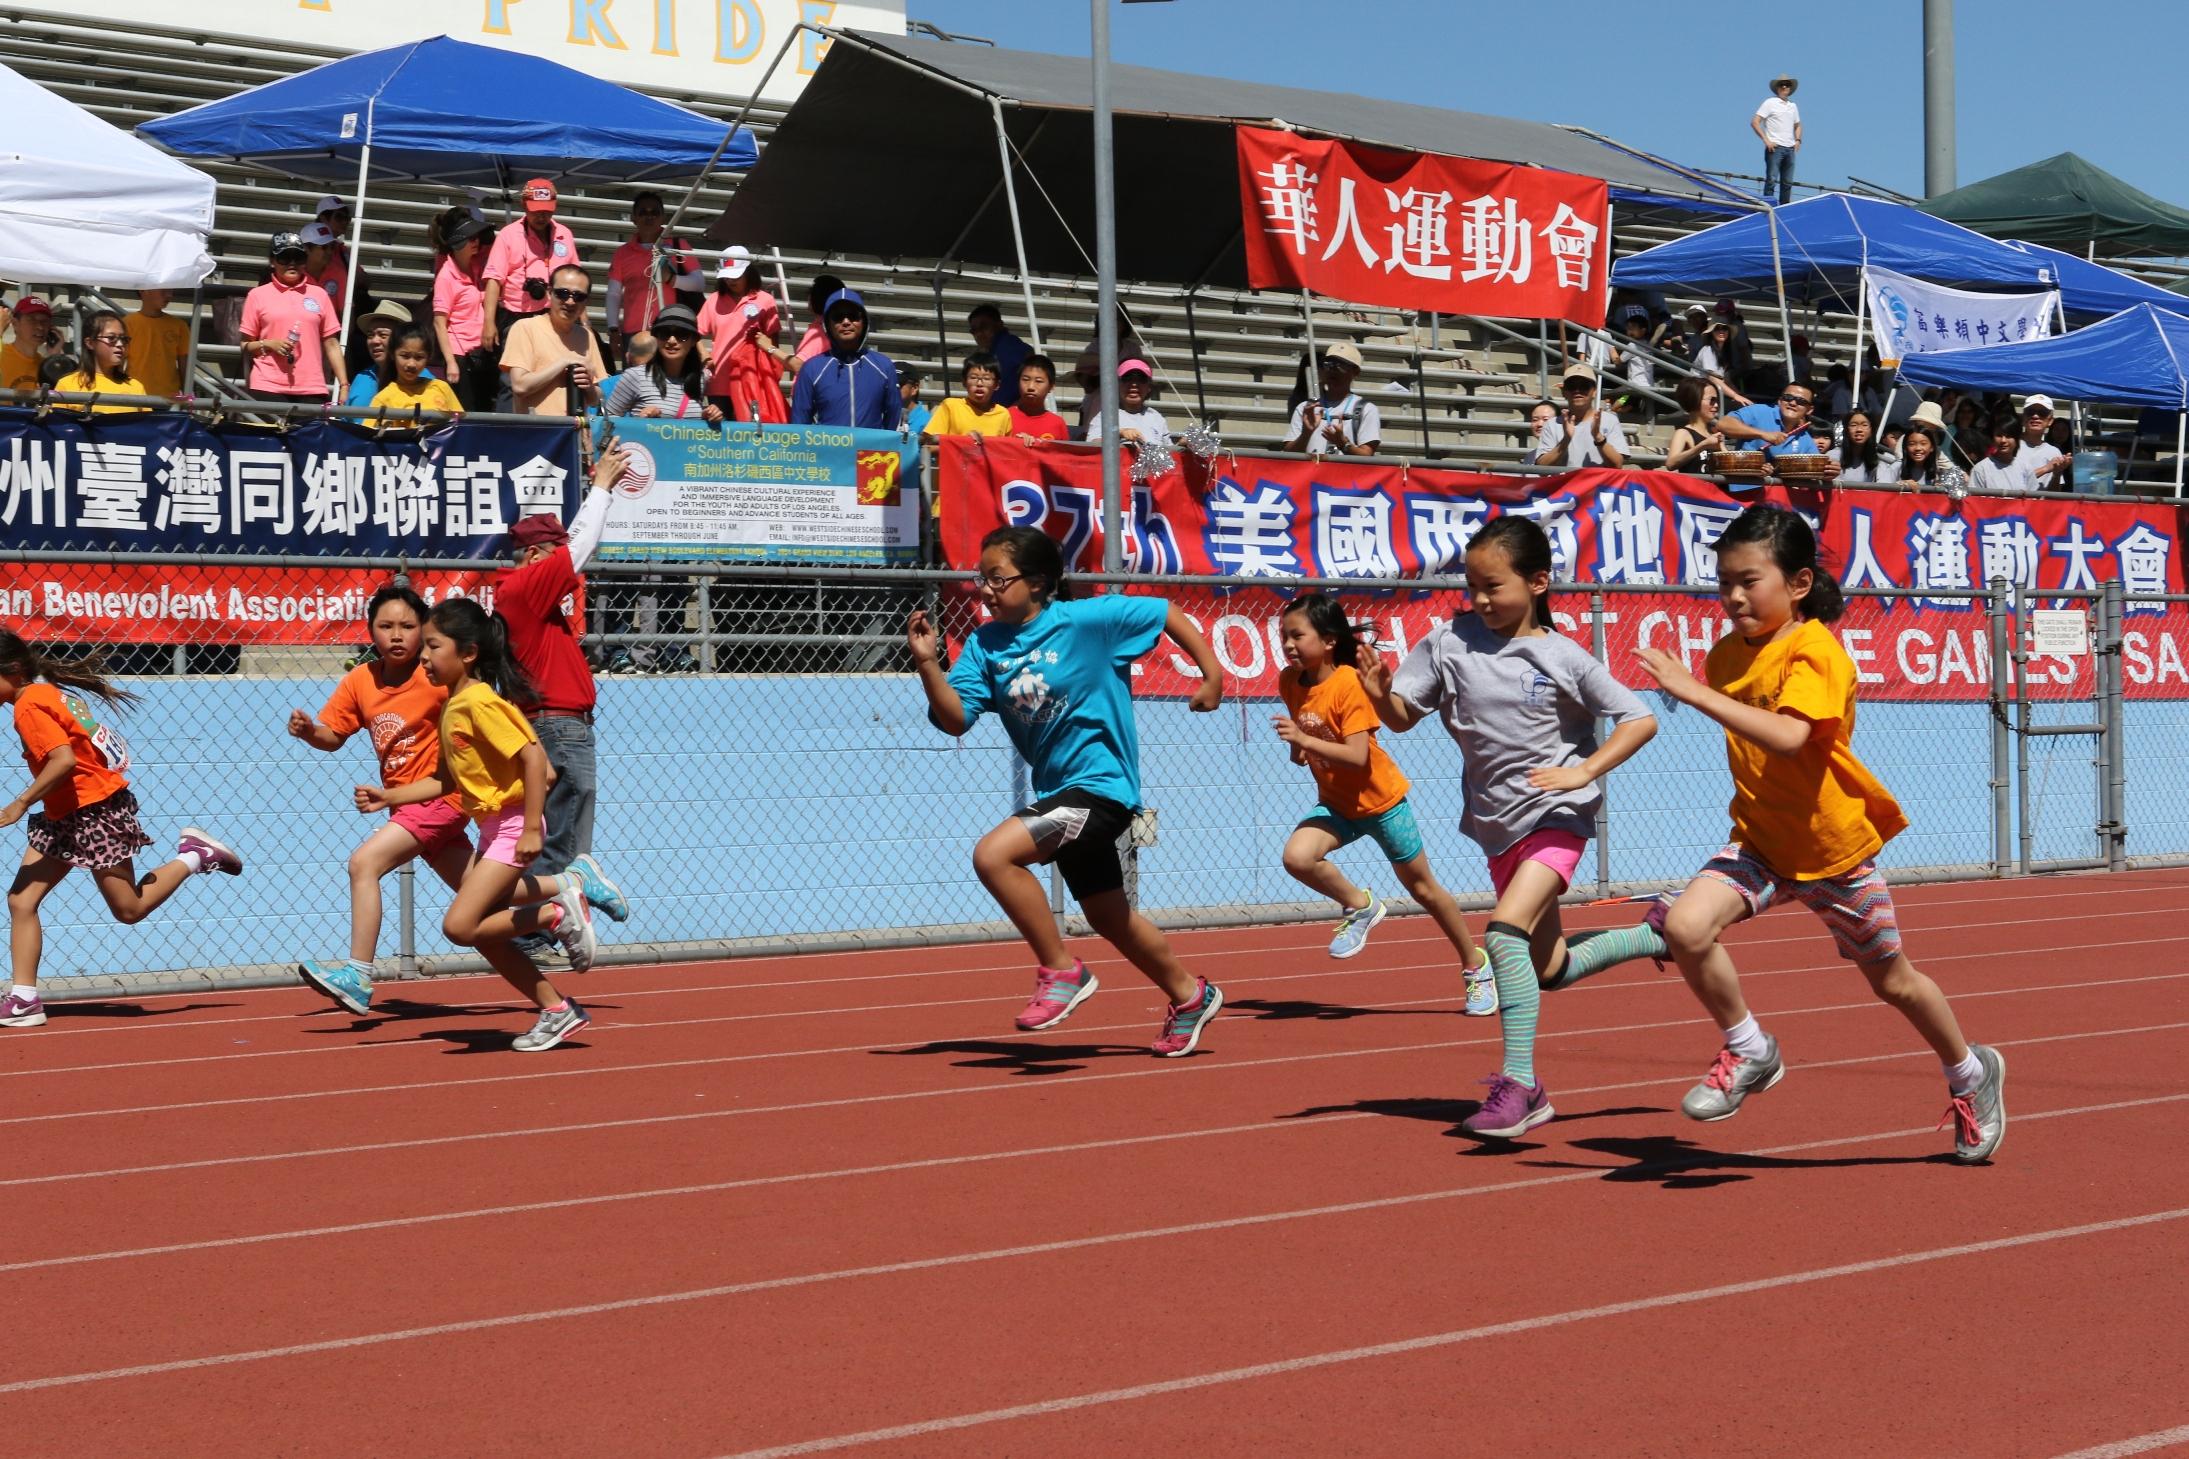 高啟正鼓勵更多華人家長帶小孩參與運動會。記者黃松攝